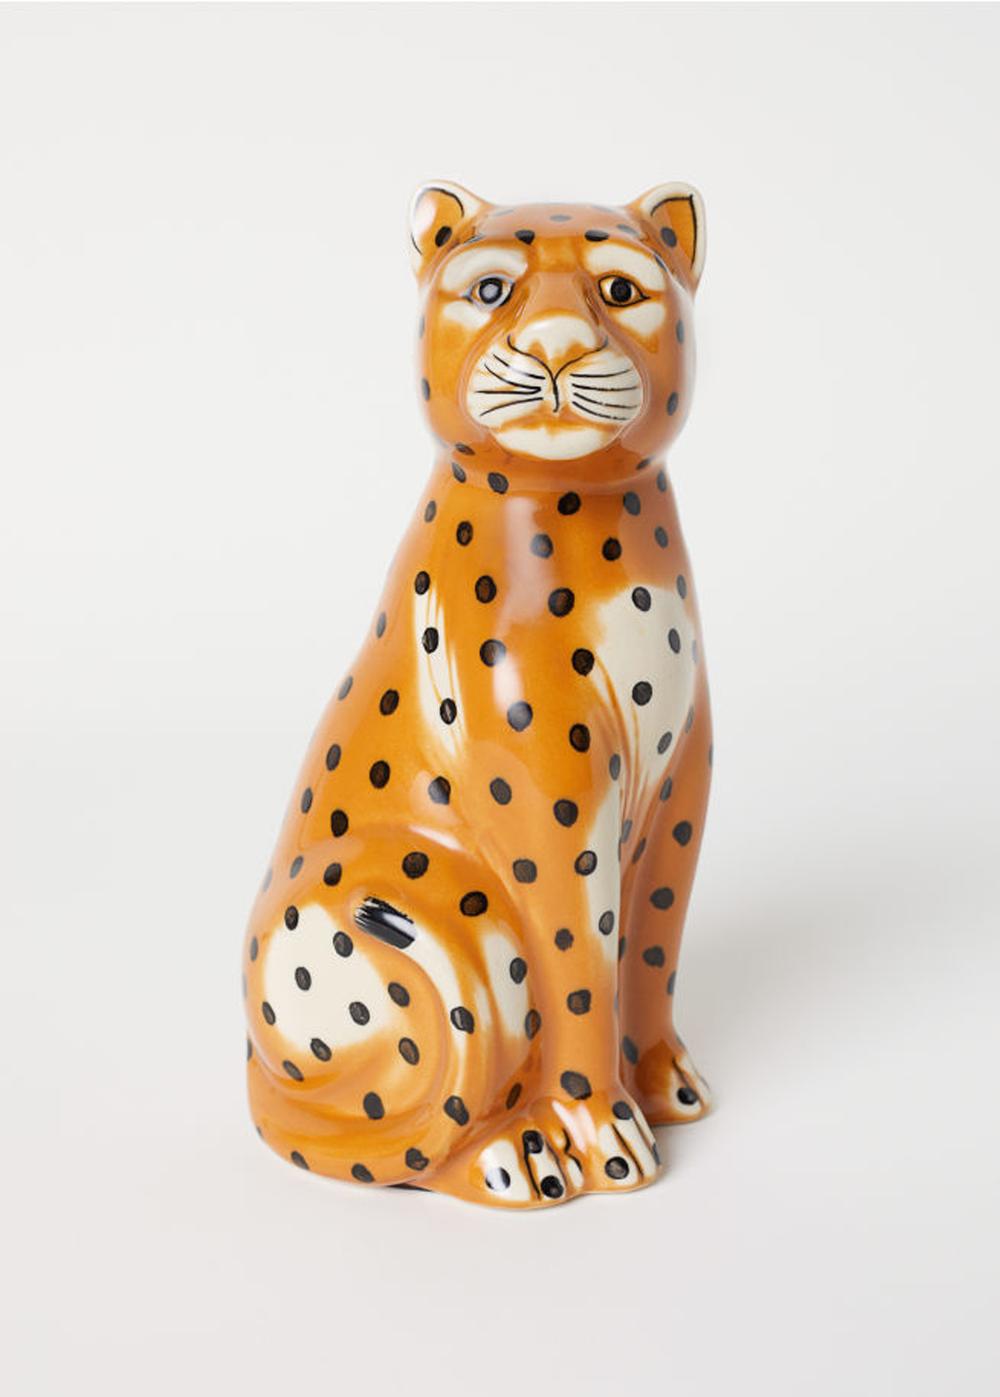 8-cheetah-statue.png